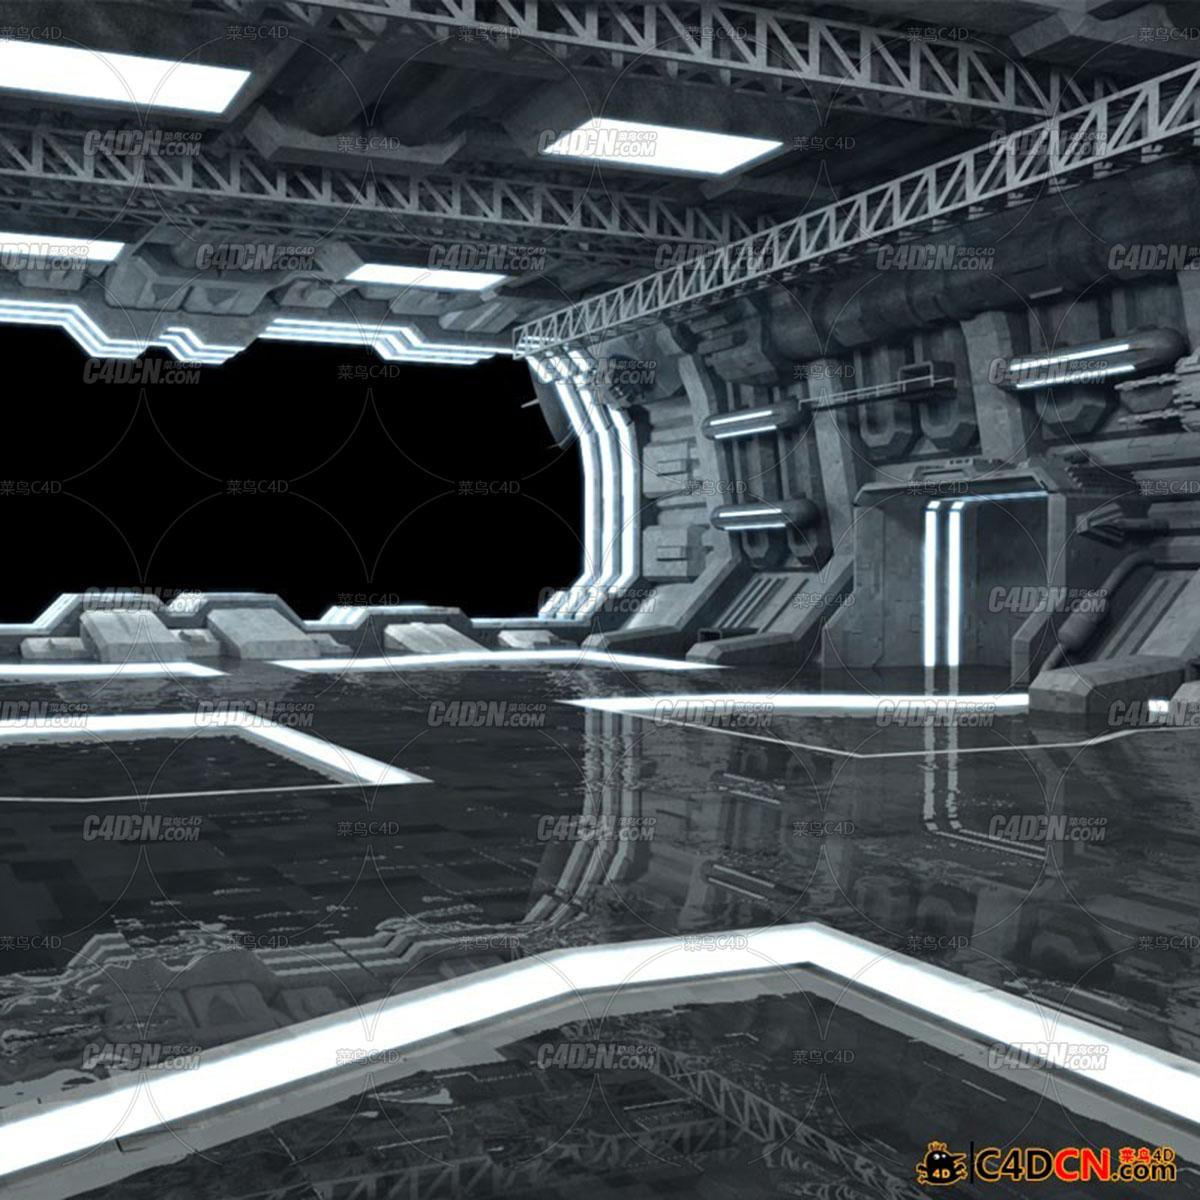 科幻游戲場景-盟軍艦隊機庫 Allied Fleets Hangar